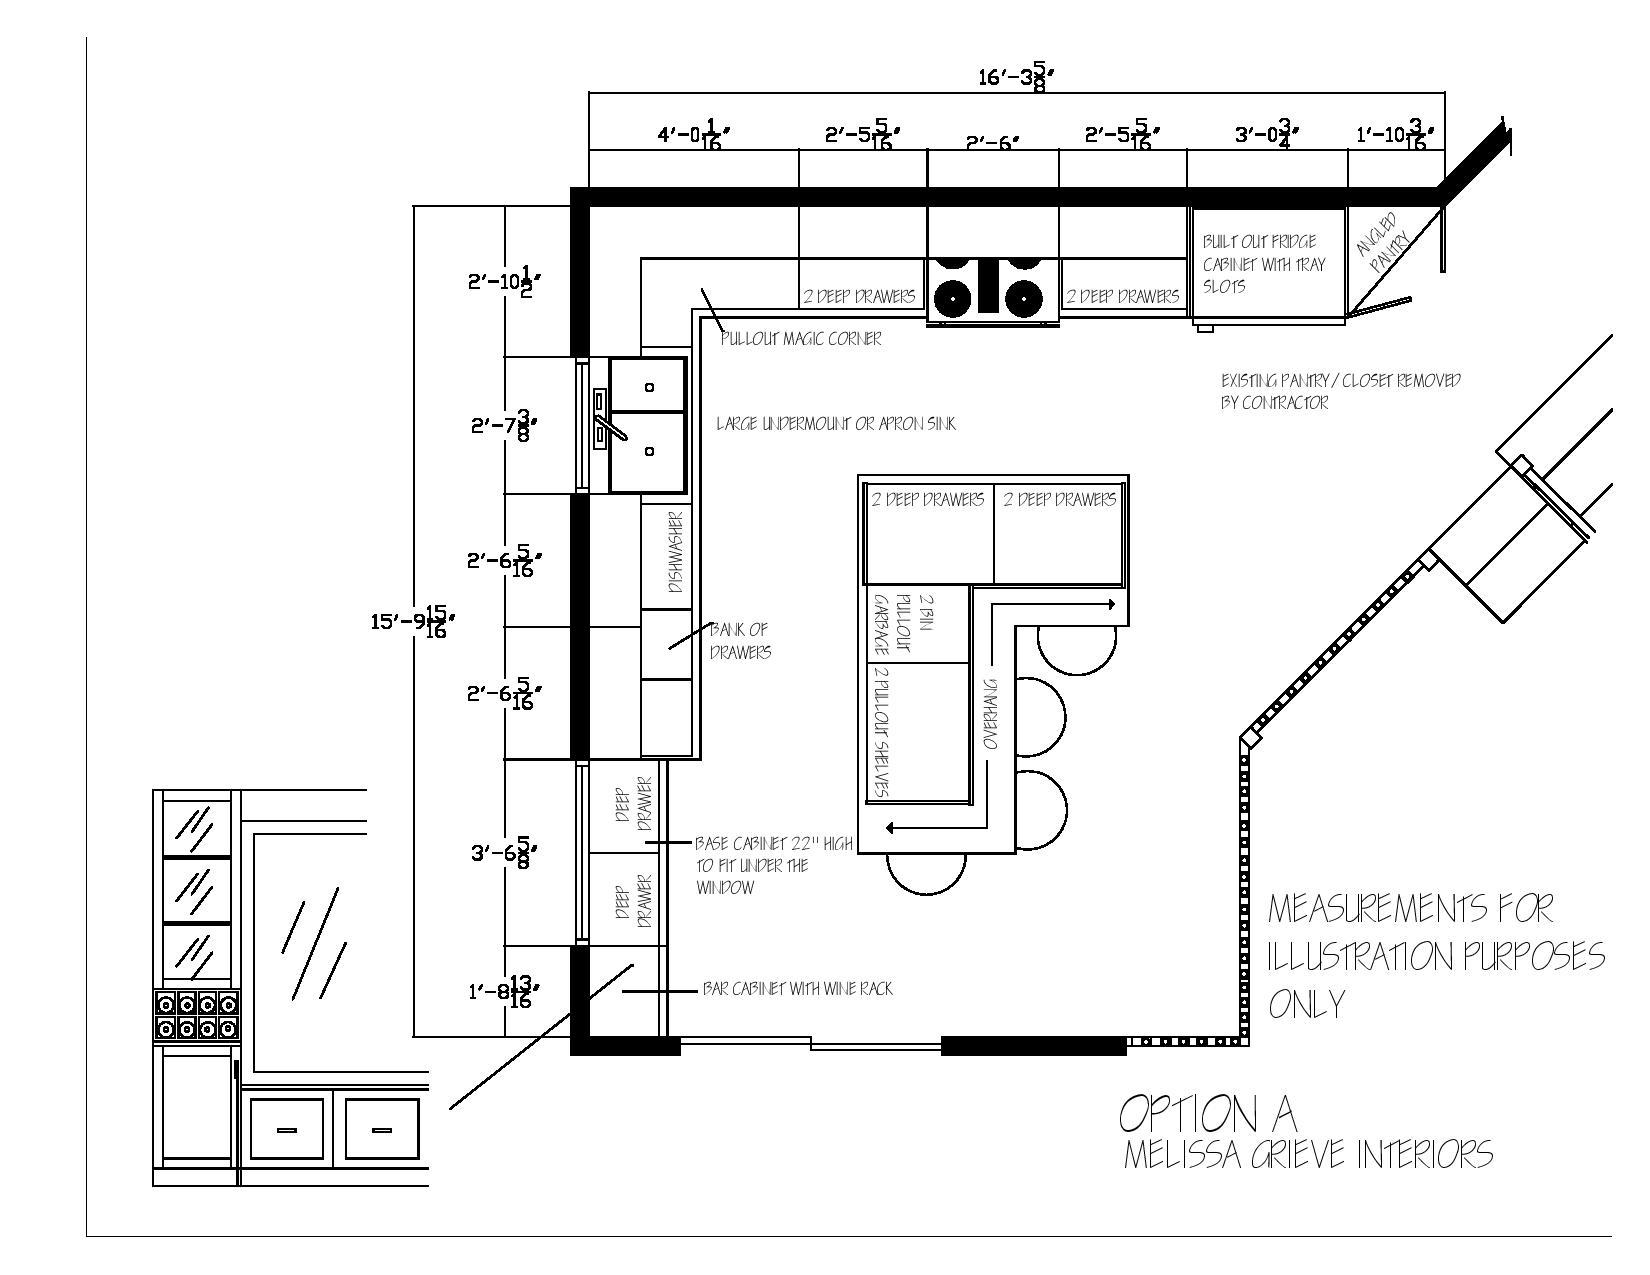 Girard Kitchen Floor Plan Option A-page-001 (1).jpg